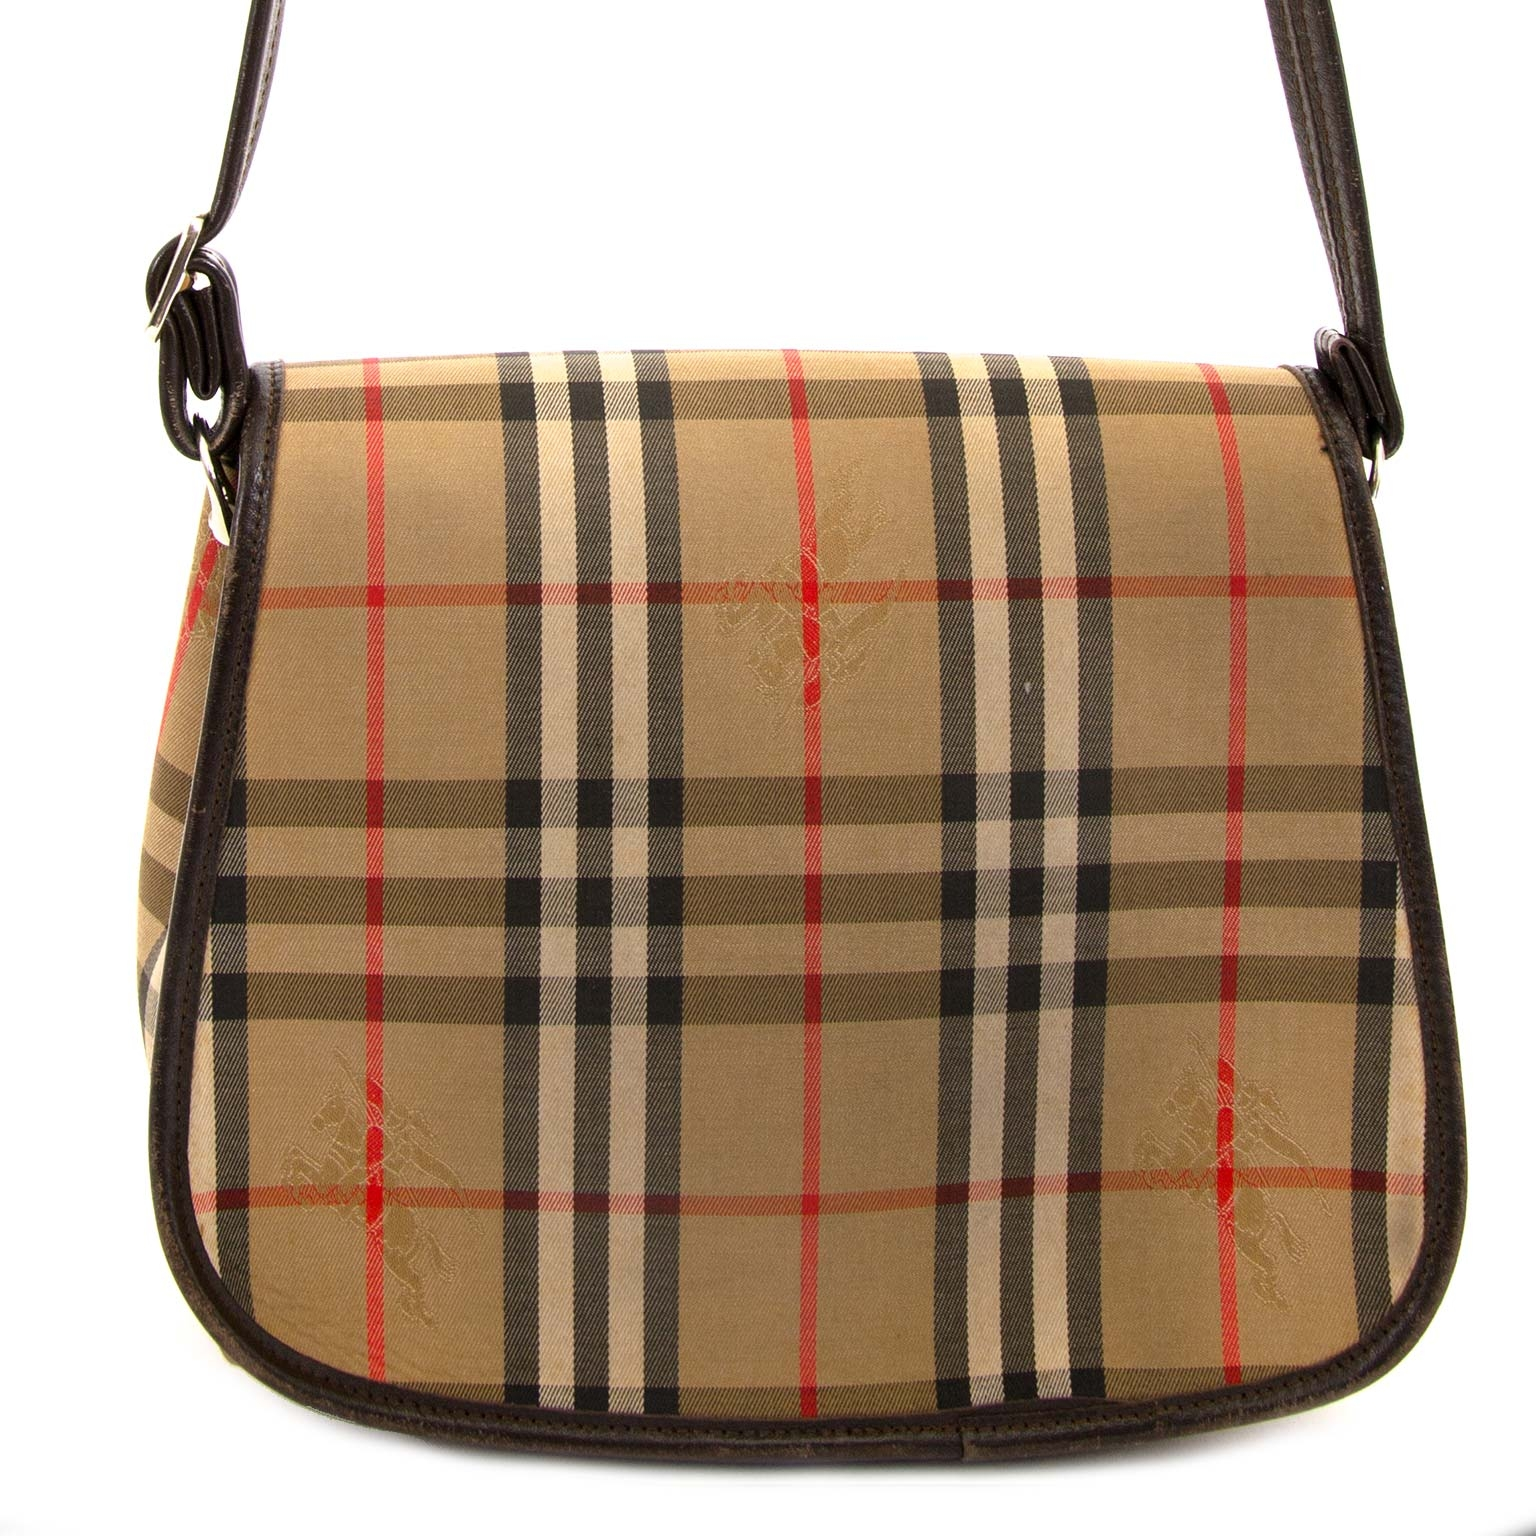 556f27ec8013 ... achetez Burberry Crossbody bag chez labellov pour le meileur prix